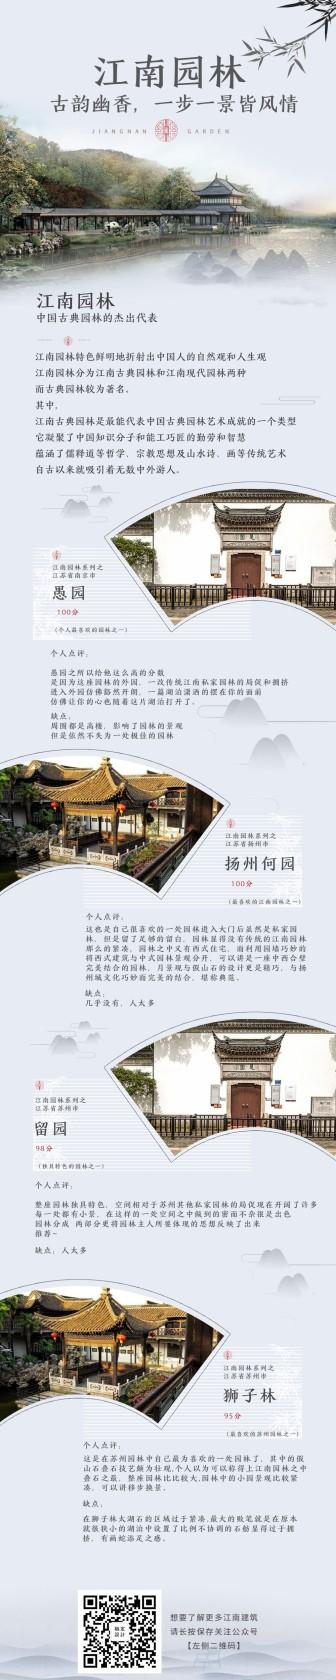 江南园林文章长图